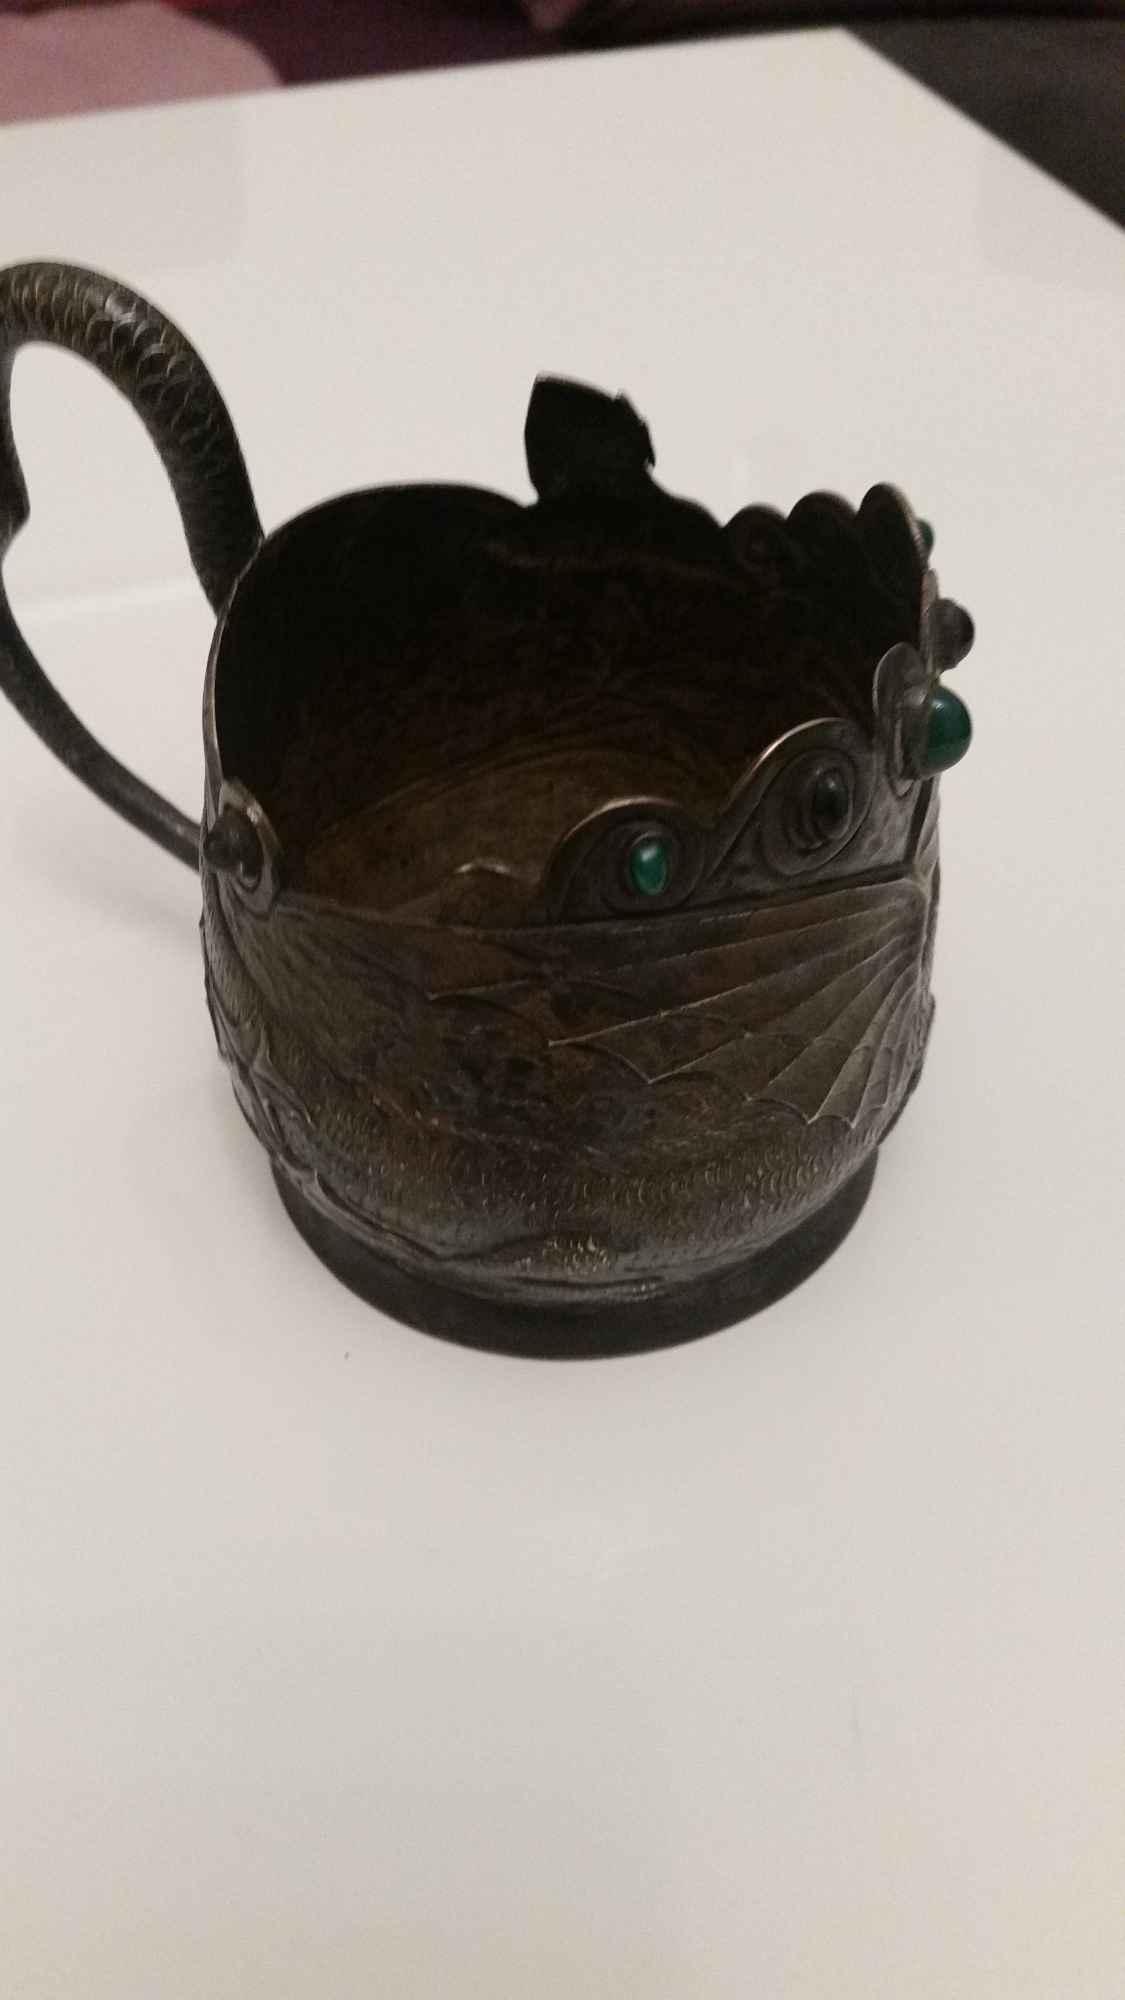 srebrna czara z  wizerunkiem  smoka z  19  wieku Orzesze - zdjęcie 3